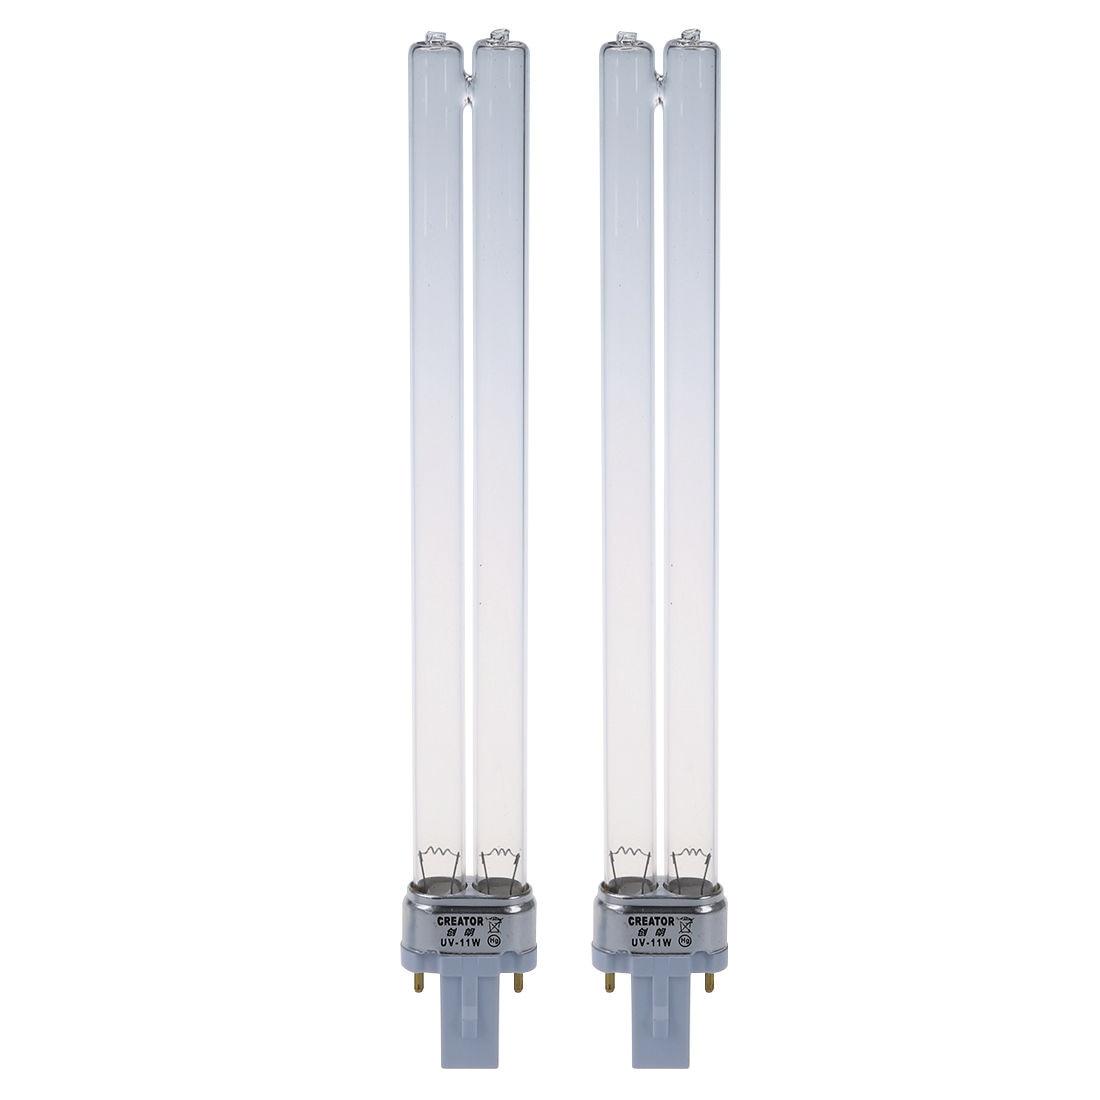 أرخص 2 قطعة 11 واط قاعدة من G23 لمبة إضاءة معقم بالأشعة فوق البنفسجية مصباح الأشعة فوق البنفسجية لحوض السمك